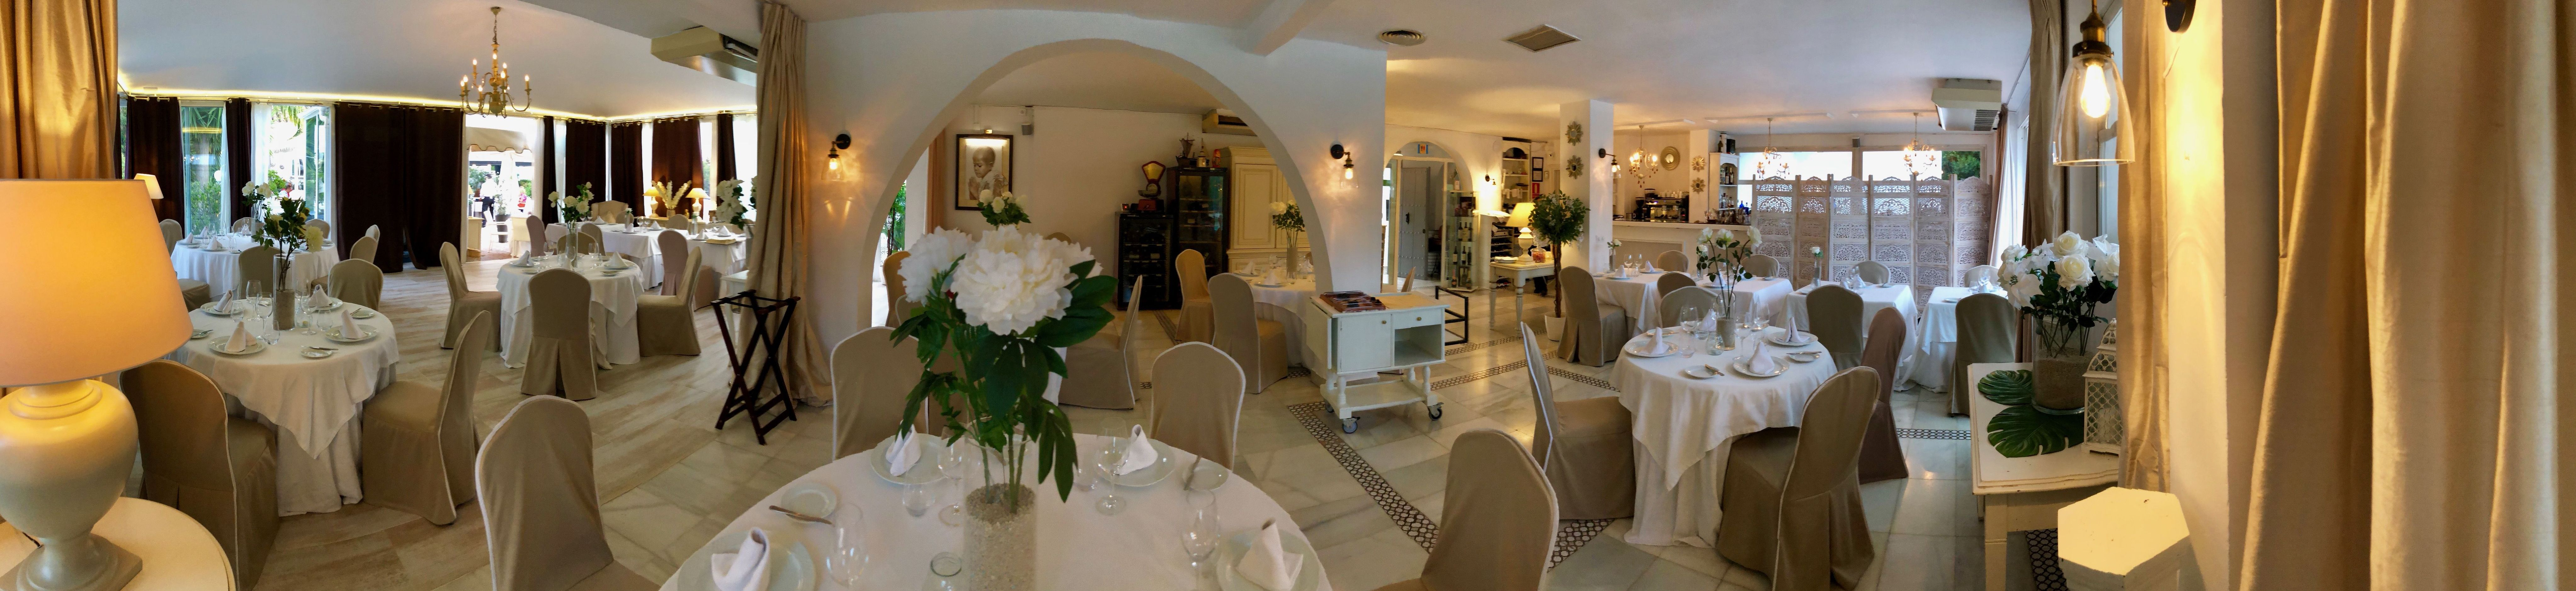 Foto 12 de Cocina mediterránea en Marbella | El Cortijo de Ramiro